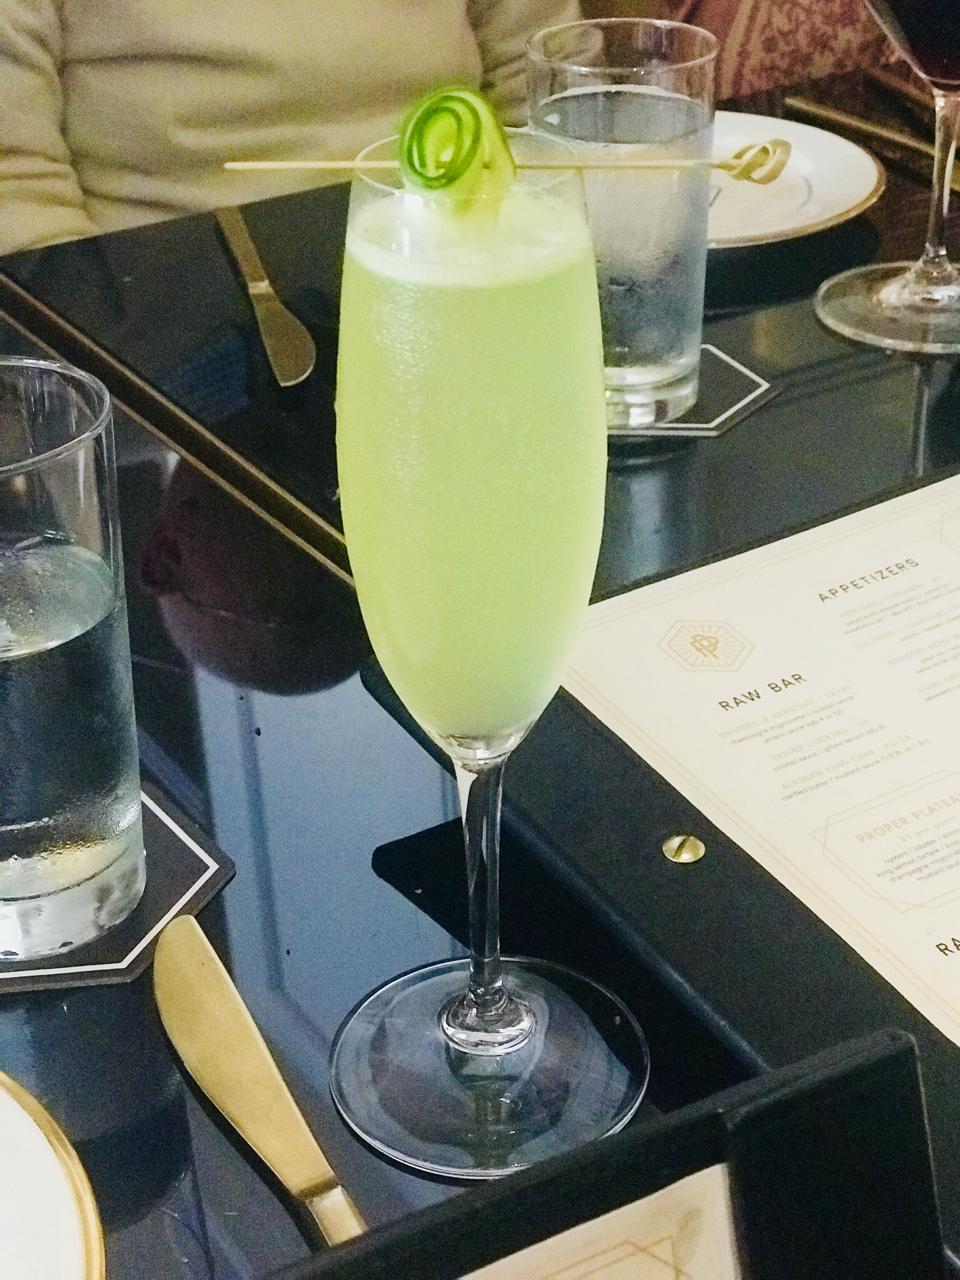 Cocktails as art at Prime + Proper